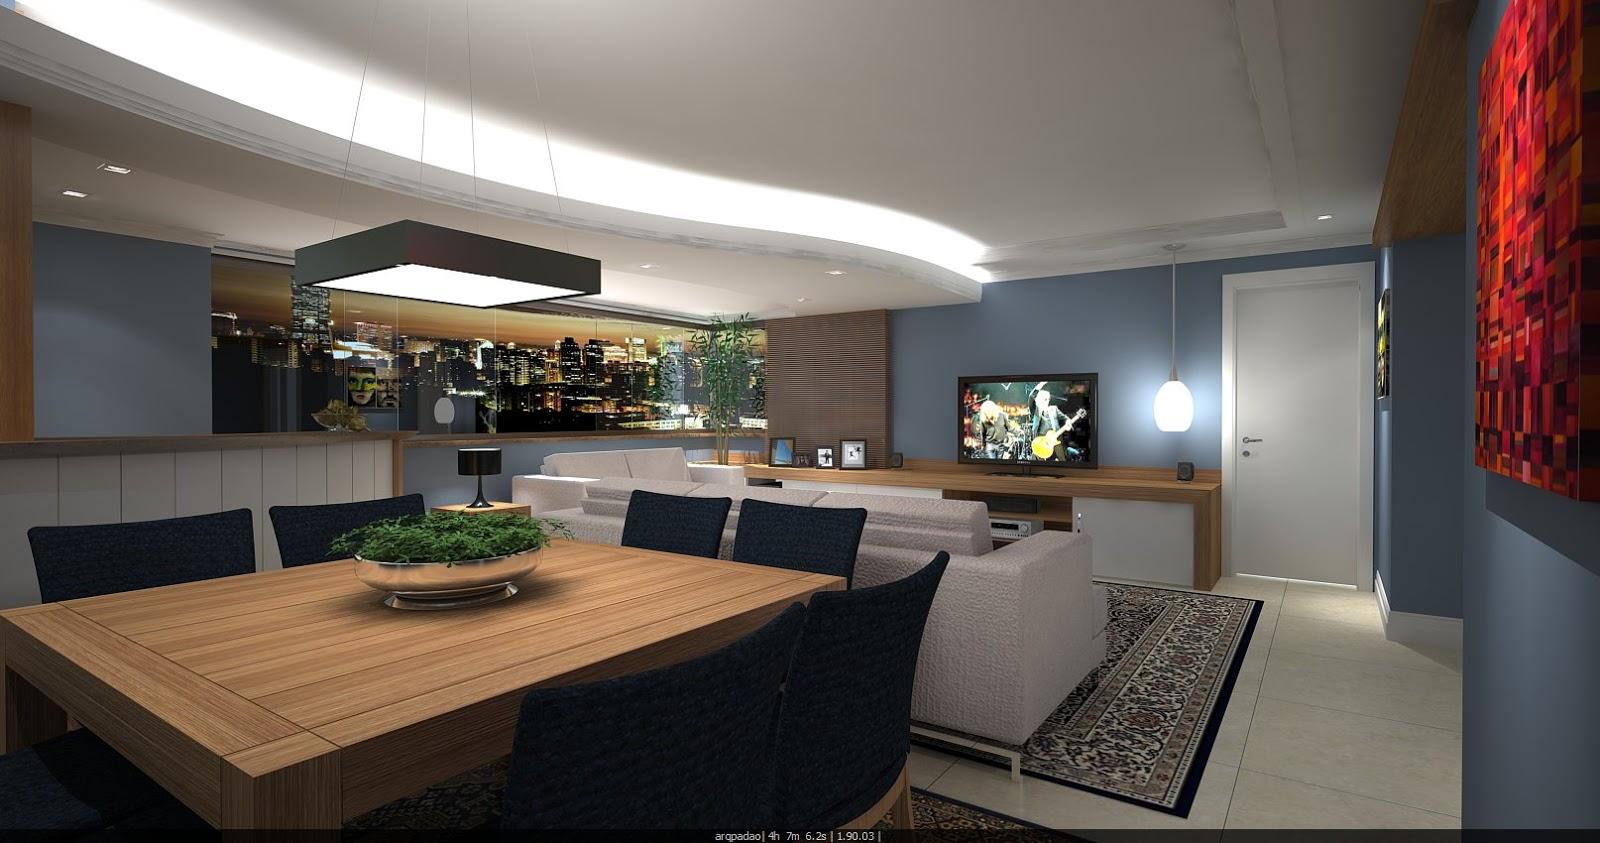 Projeto de reforma de um apartamento em Petrópolis Porto Alegre. #A82923 1600 843